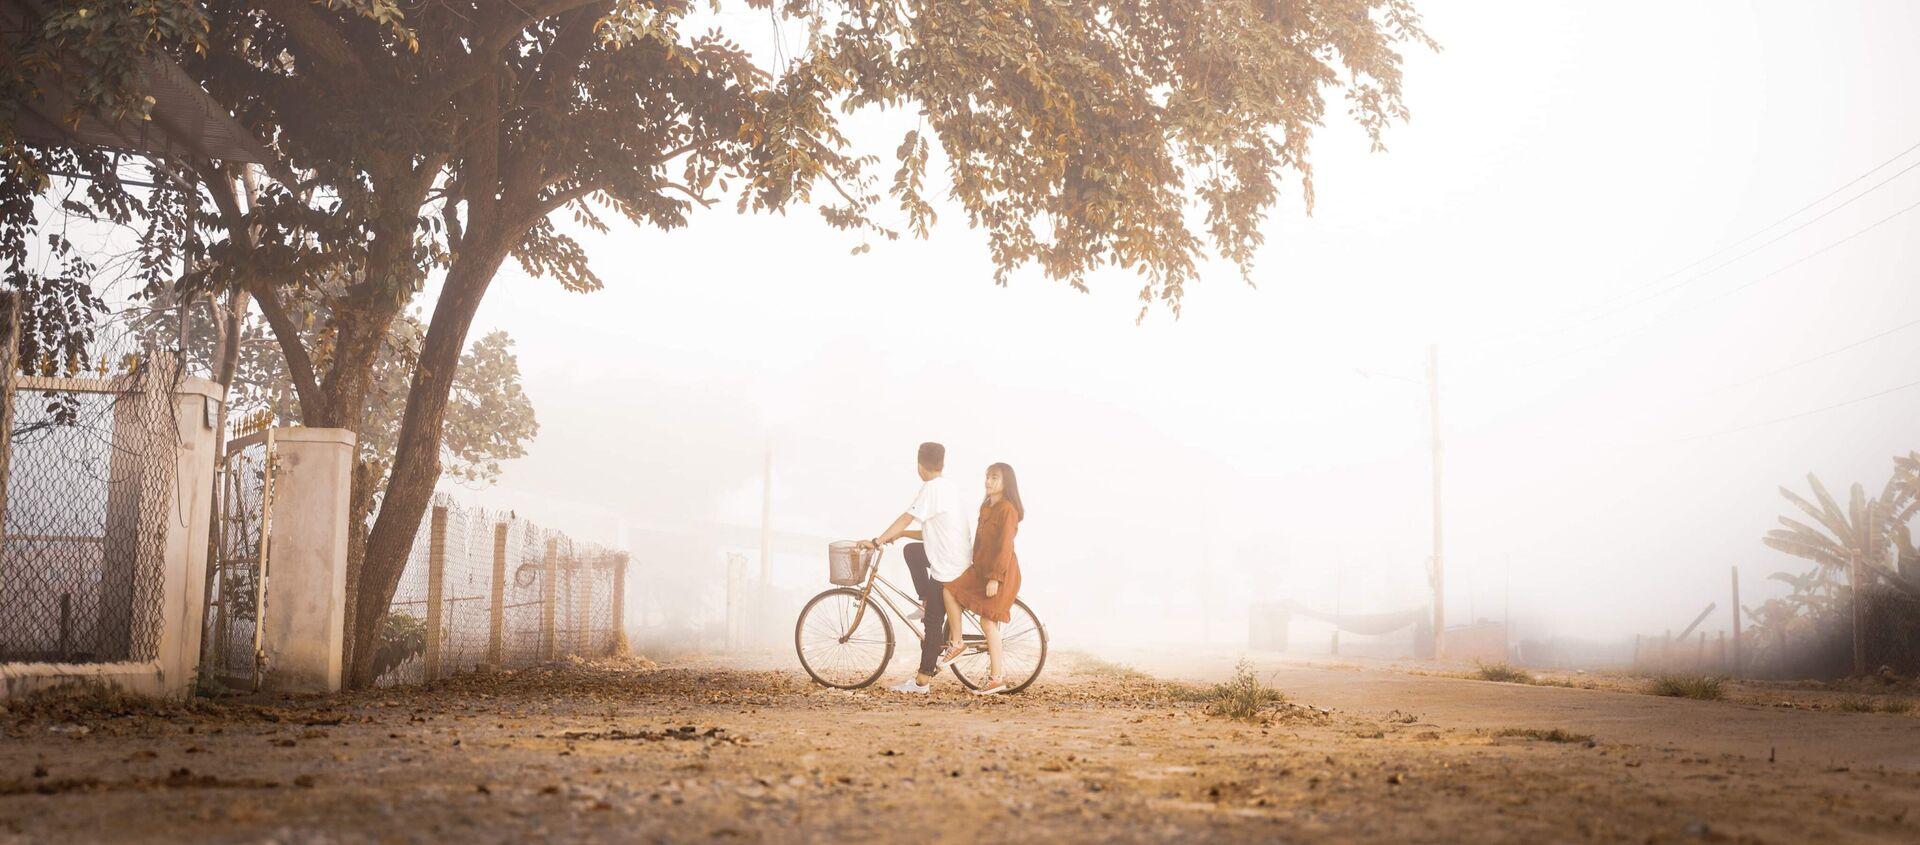 Bức ảnh Câu chuyện tình yêu của nhiếp ảnh gia Việt Nam, được giới thiệu tại cuộc thi The World Best Photos of # Love2020 - Sputnik Việt Nam, 1920, 14.02.2020